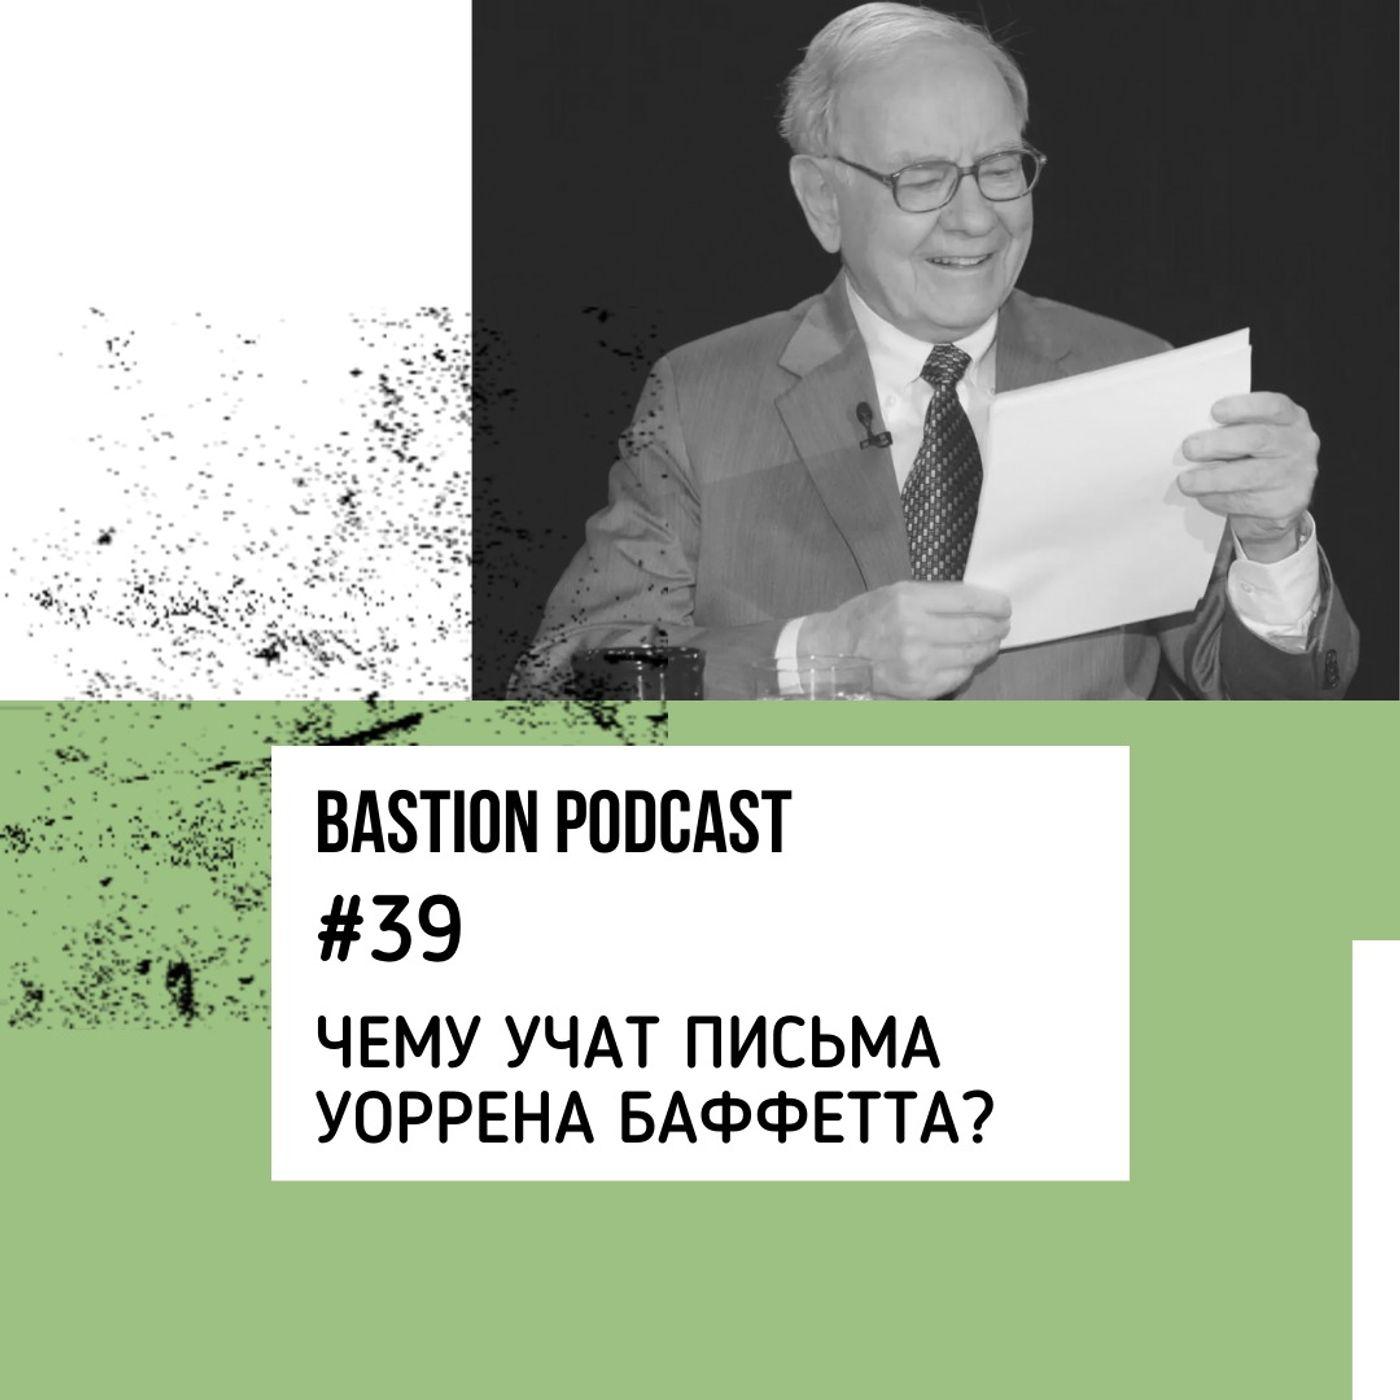 #39: Чему учат письма Уоррена Баффетта